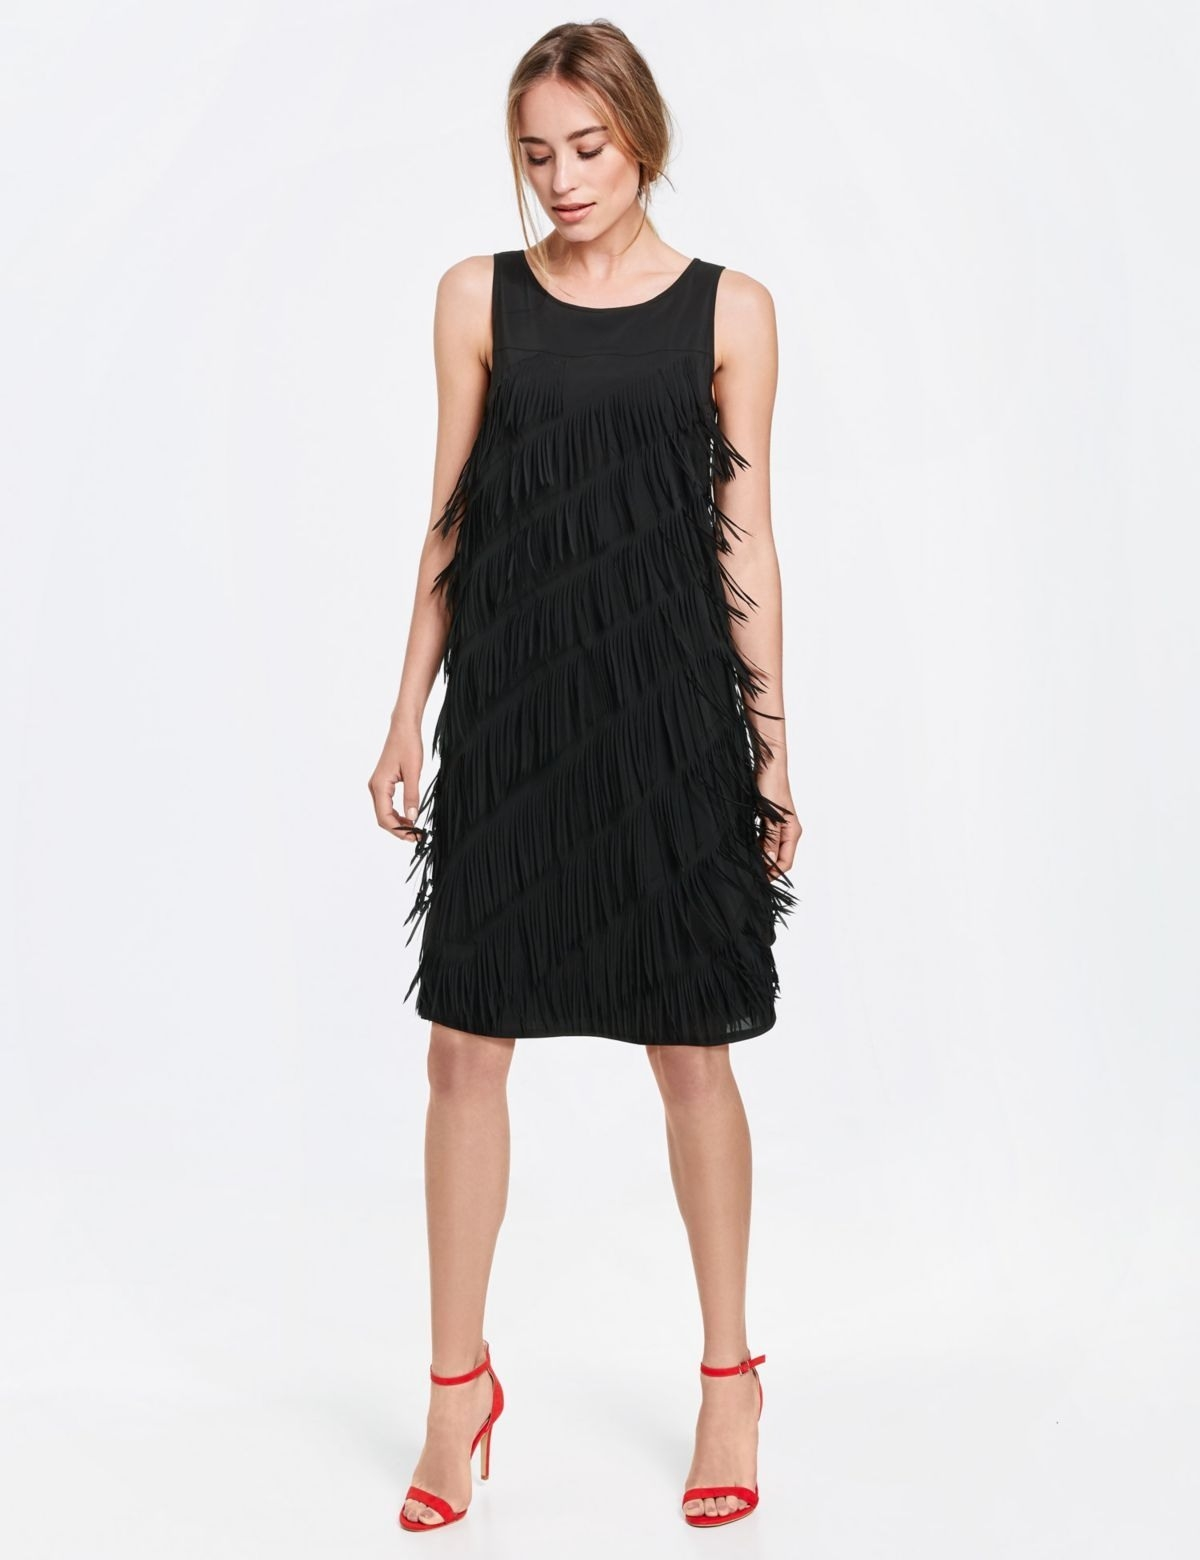 Abend Großartig Kleid Mit Fransen Bester Preis - Abendkleid